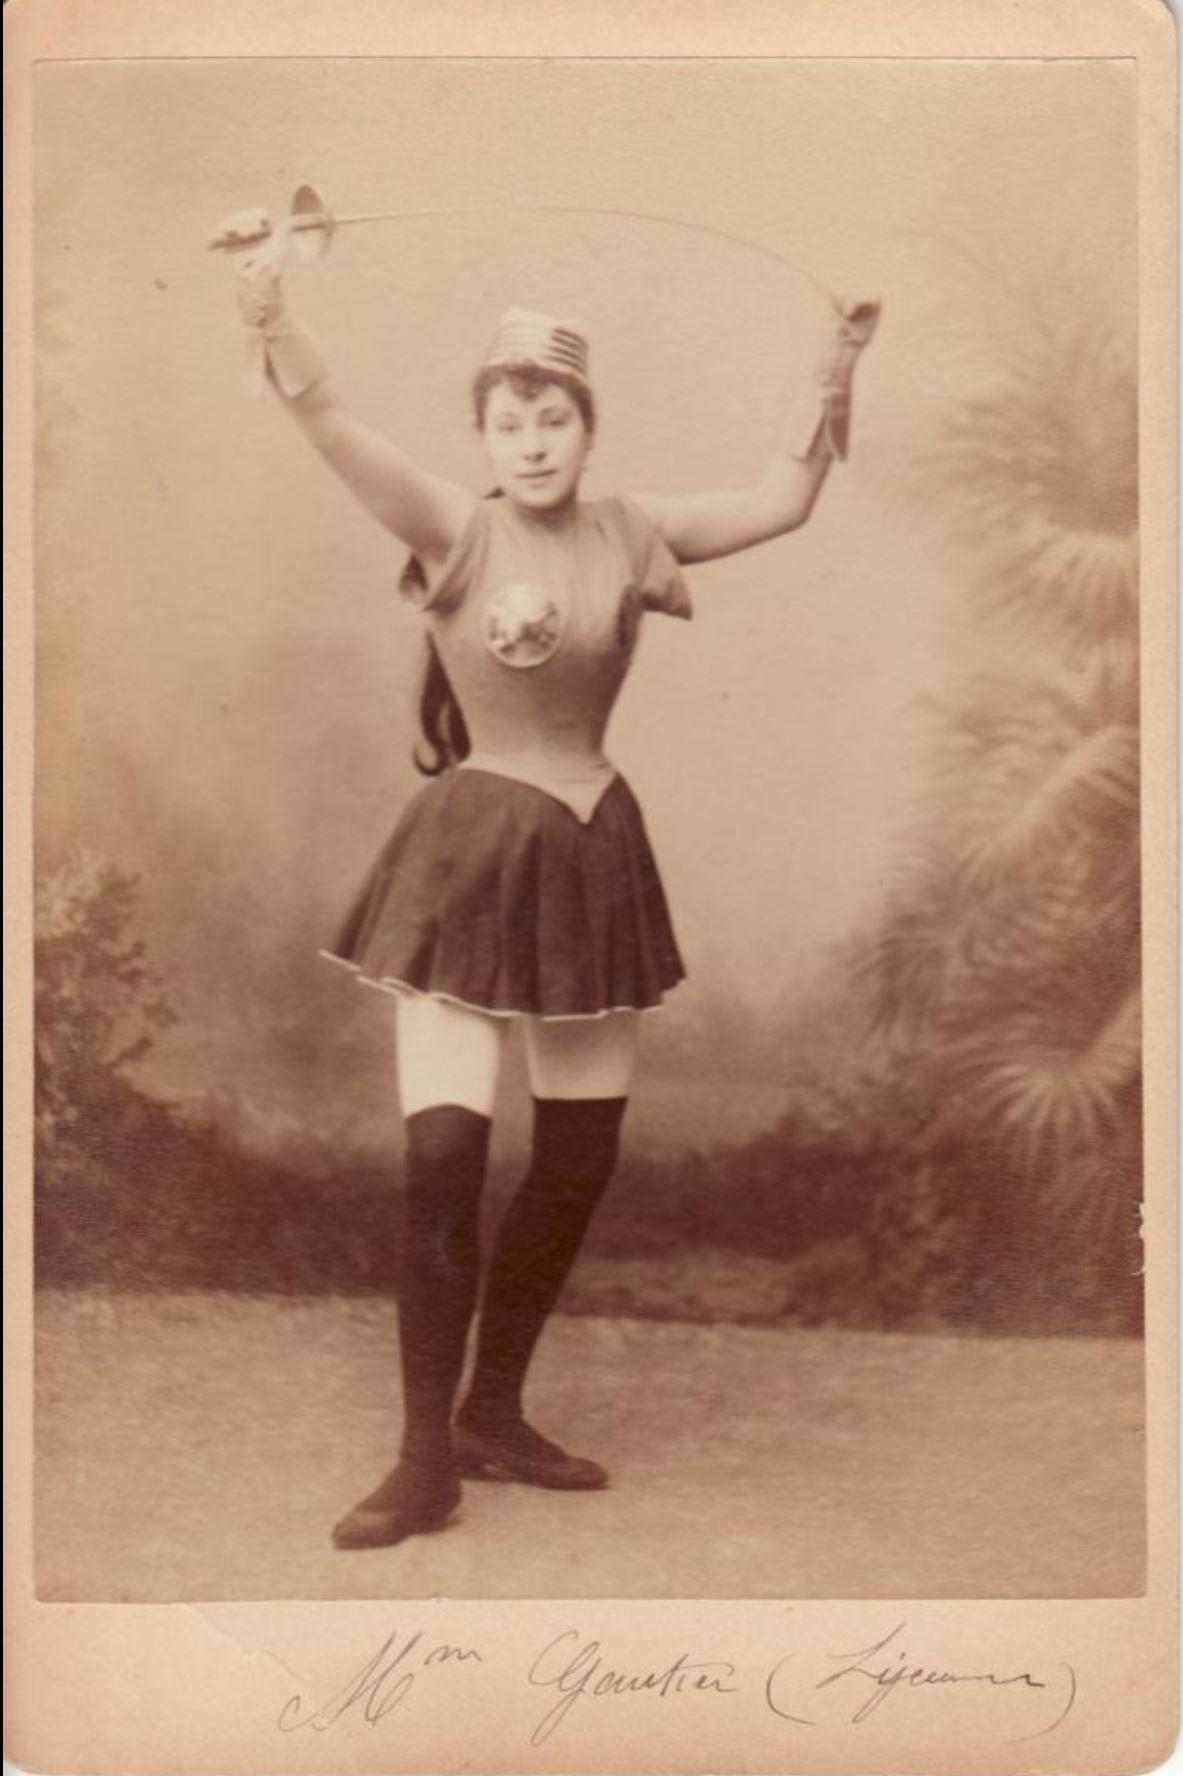 1890 ca Portrait en pied de Madame Gautier, danseuse, en tenue d'escrime Musee Carnavalet 2